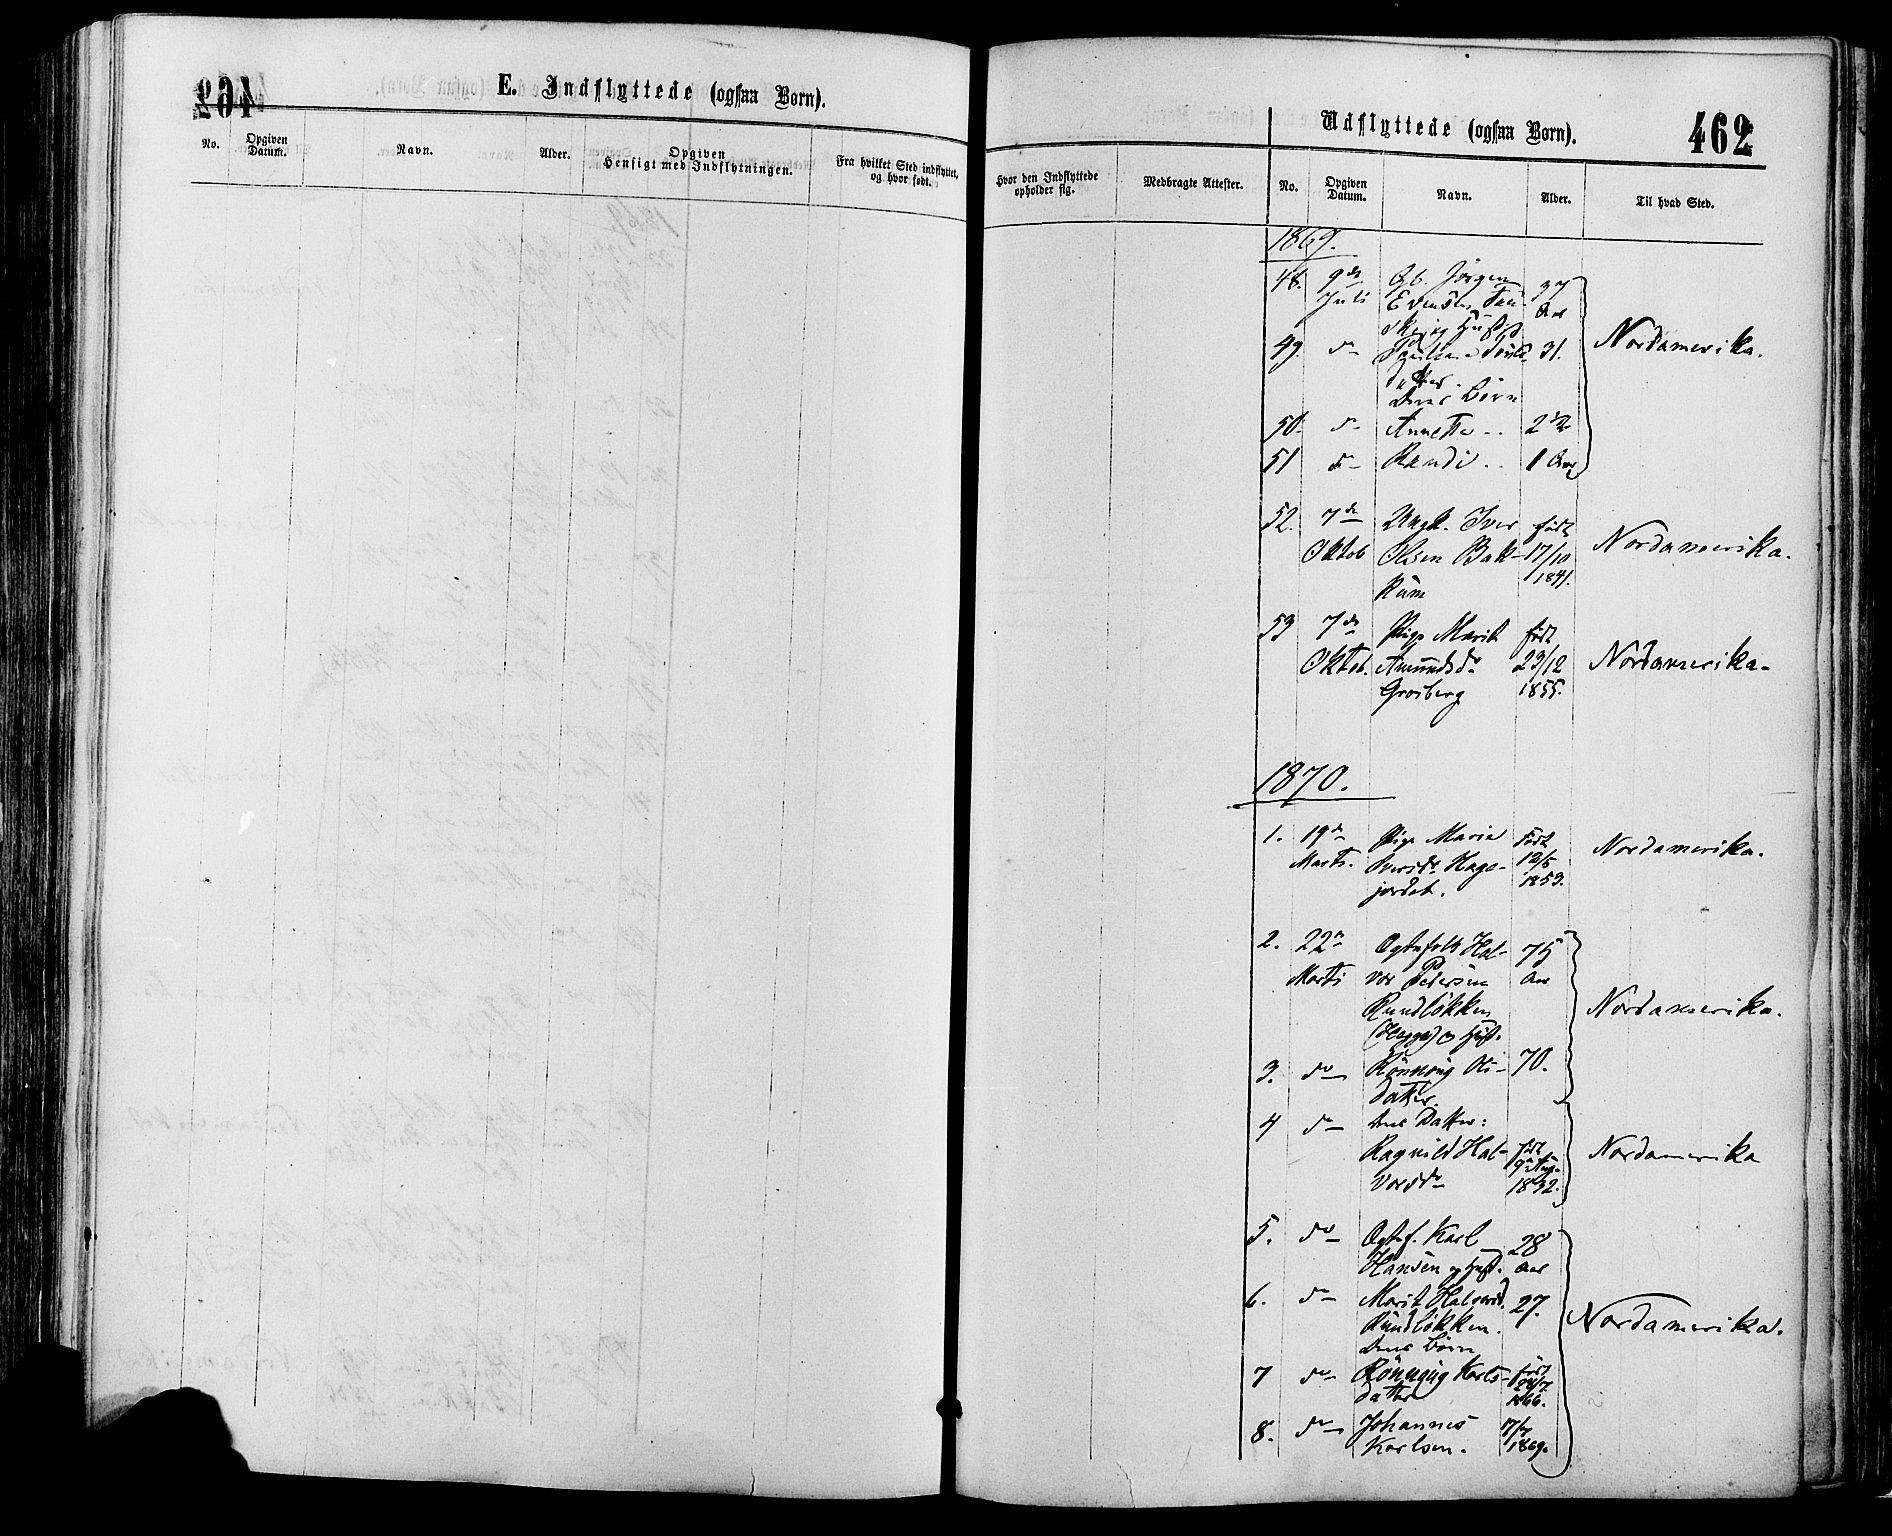 SAH, Sør-Fron prestekontor, H/Ha/Haa/L0002: Ministerialbok nr. 2, 1864-1880, s. 462